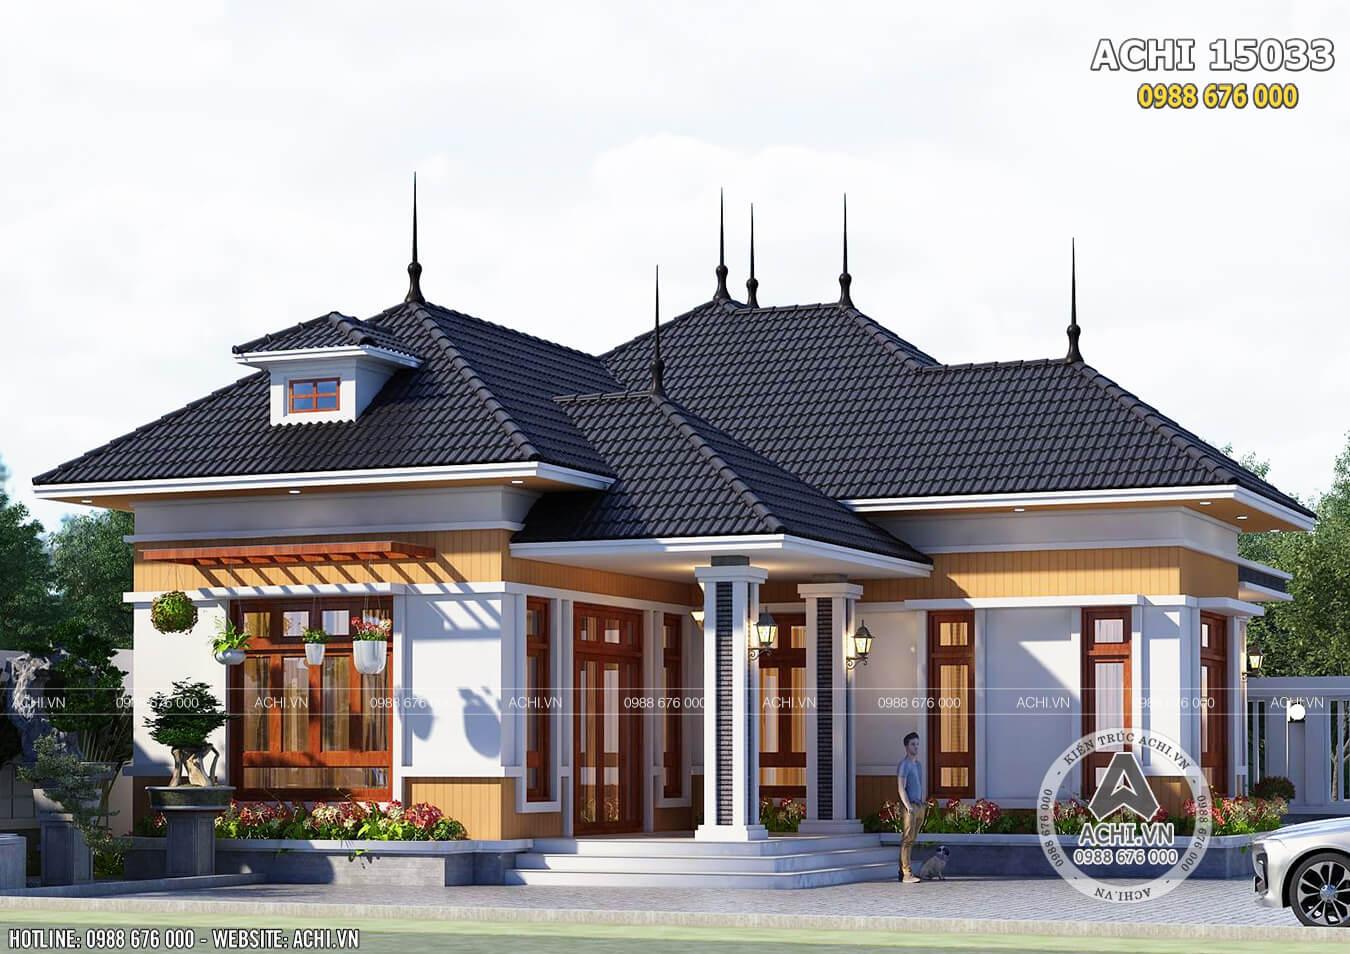 Phối cảnh 3D ngoại thất đẹp mẫu thiết kế nhà 1 tầng mái Thái đơn giản